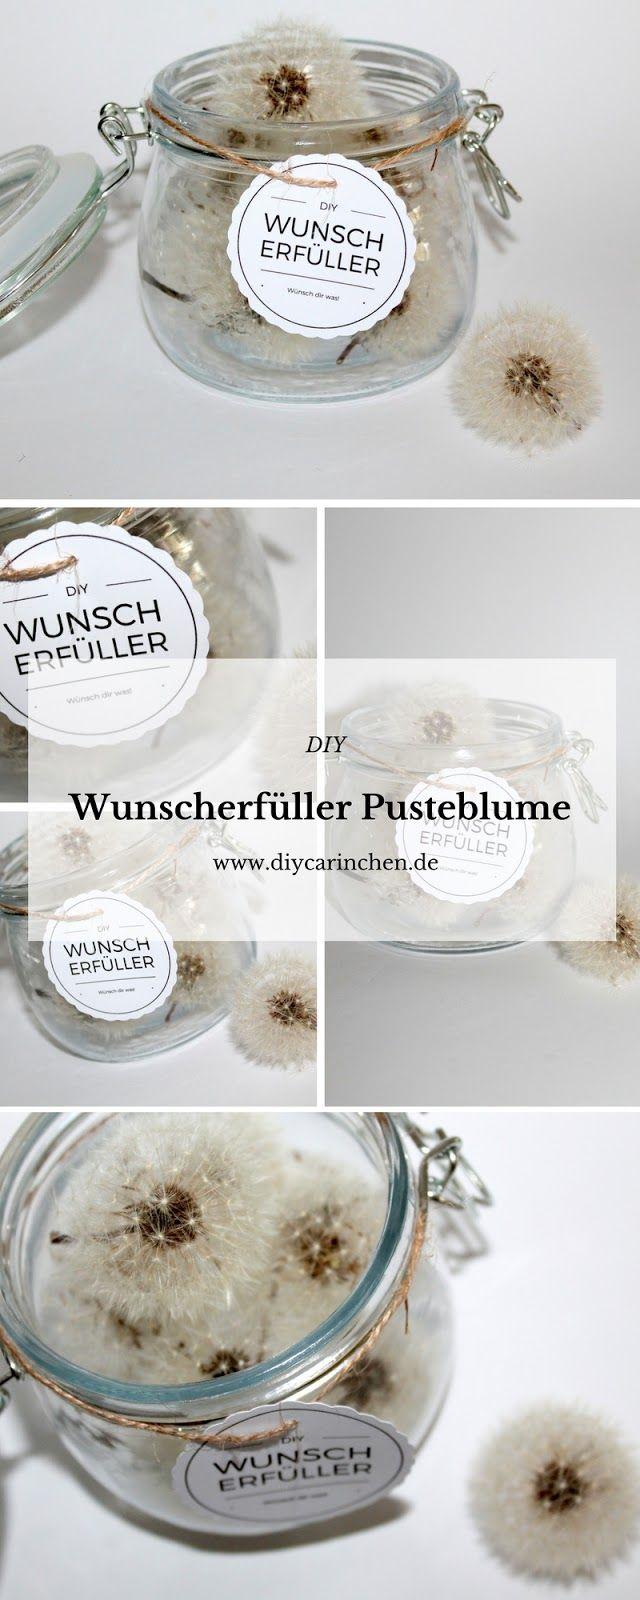 Photo of DIY Geschenk im Glas: Wunscherfüller Pusteblume selber machen